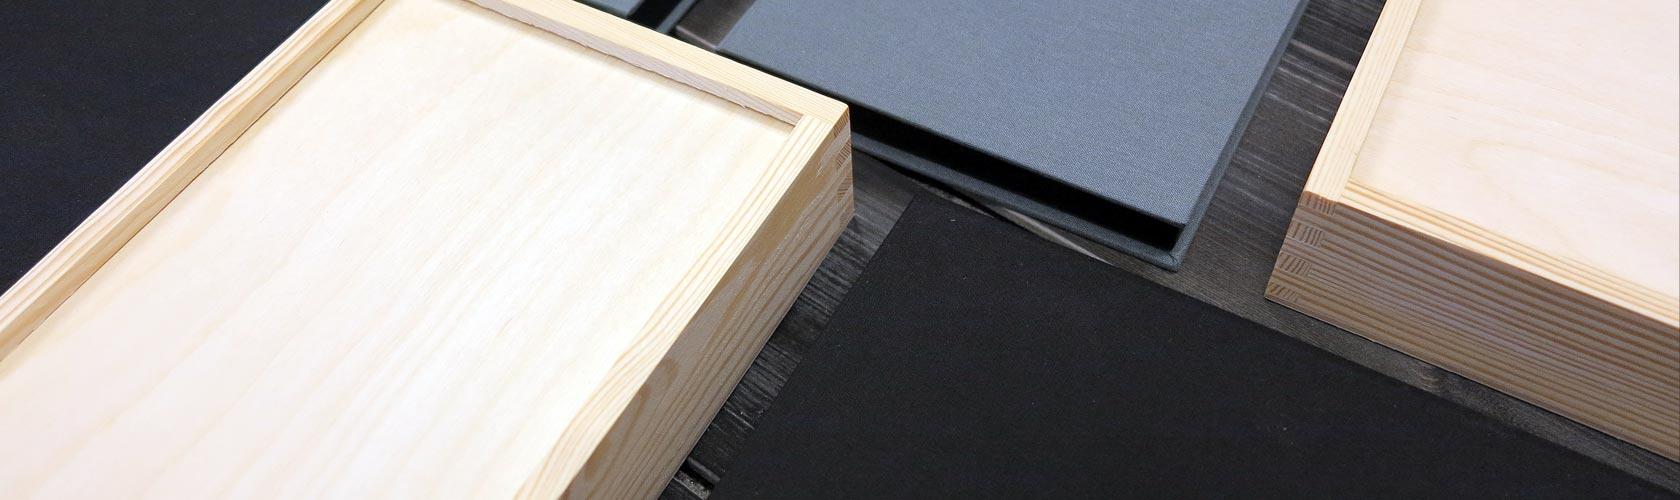 Bildbox i trä och linne